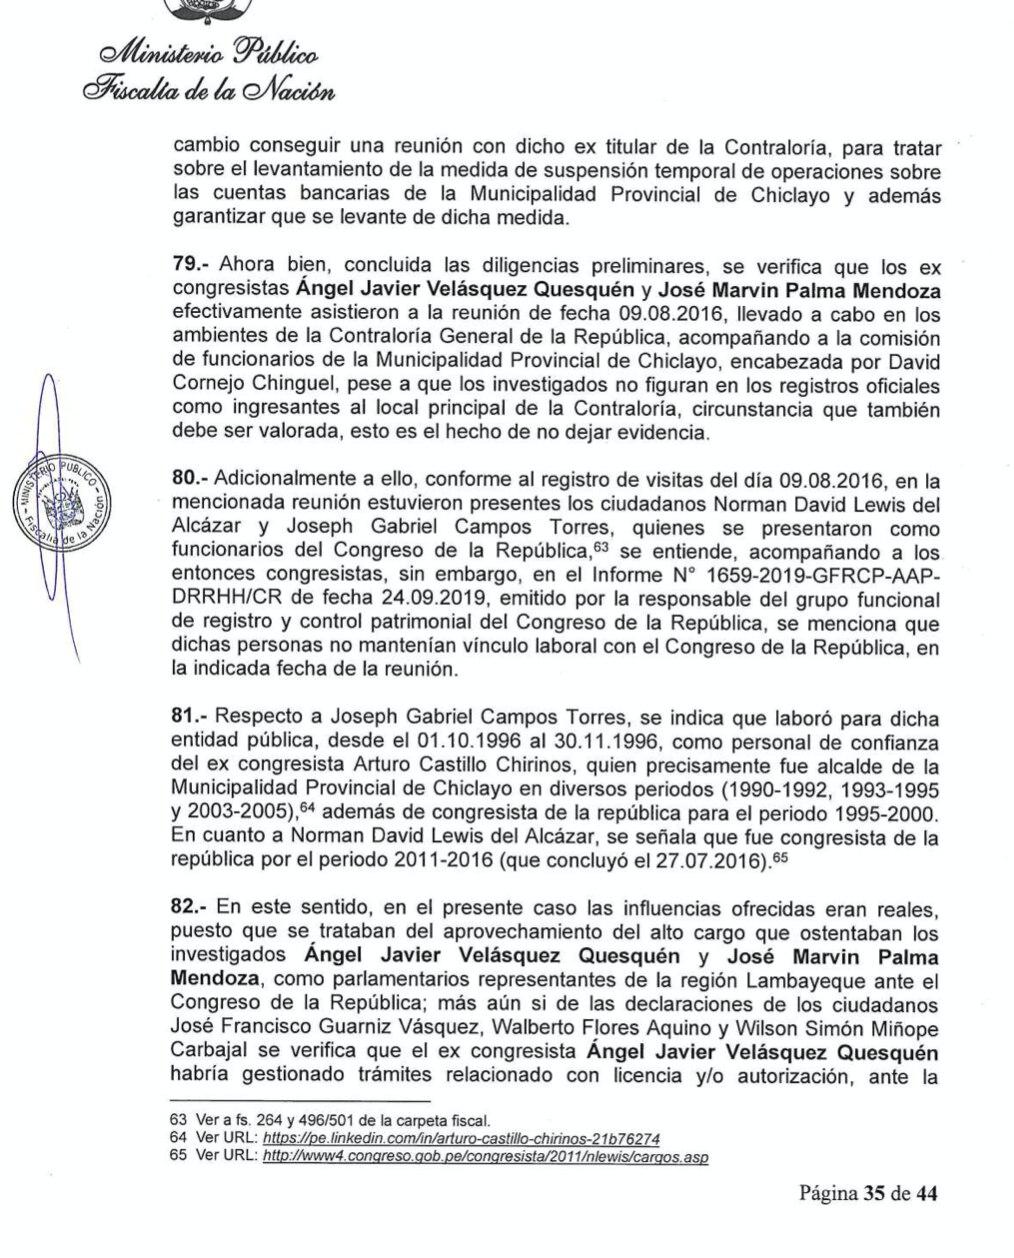 Denuncia constitucional contra Edgar Alarcón, Javier Velásquez y Marvin Palma.